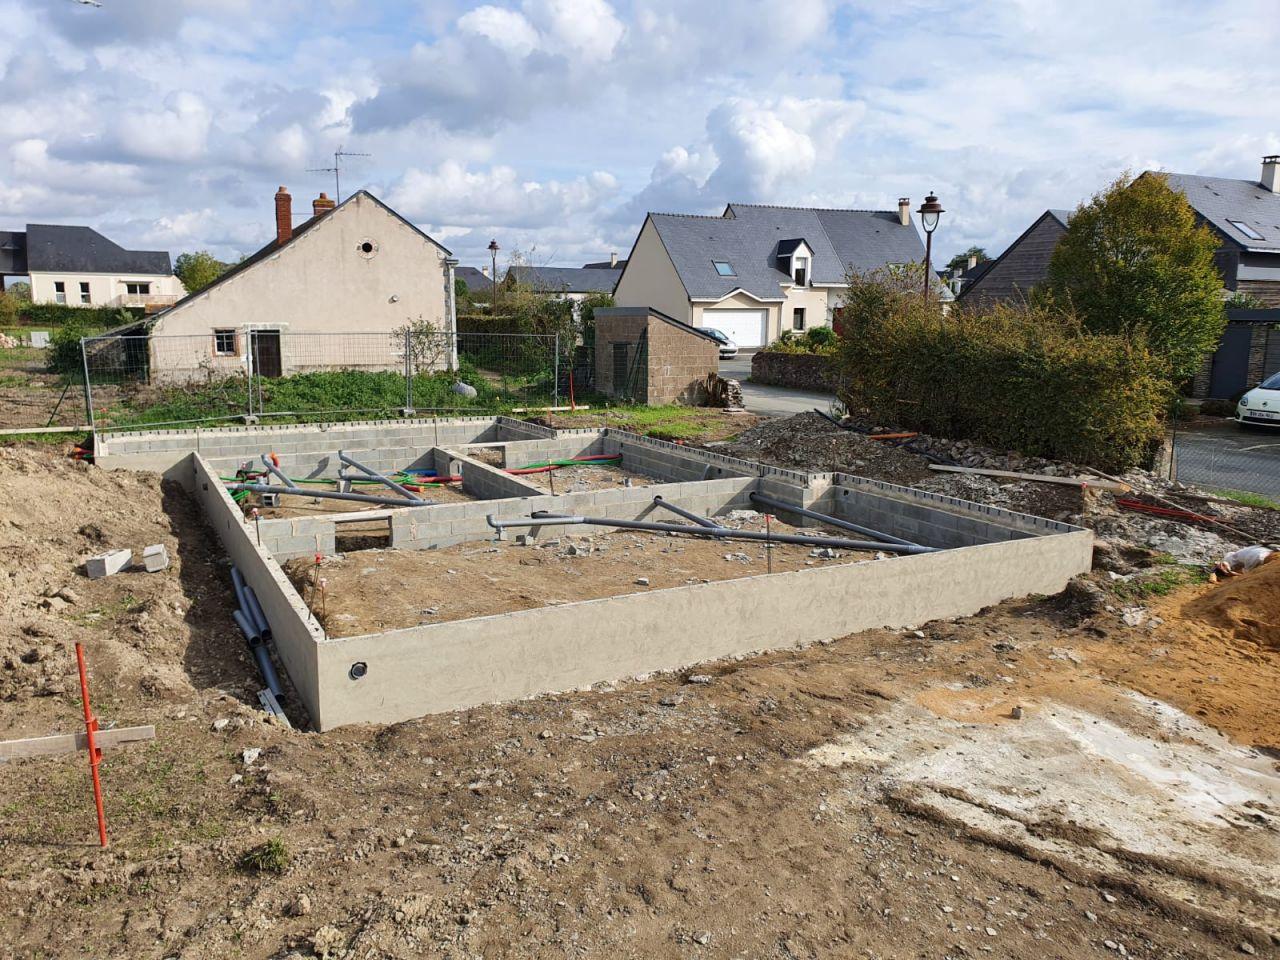 Installation des canalisations pour les eaux usées et des gaines pour l'électricité (PAC et tableau électrique)